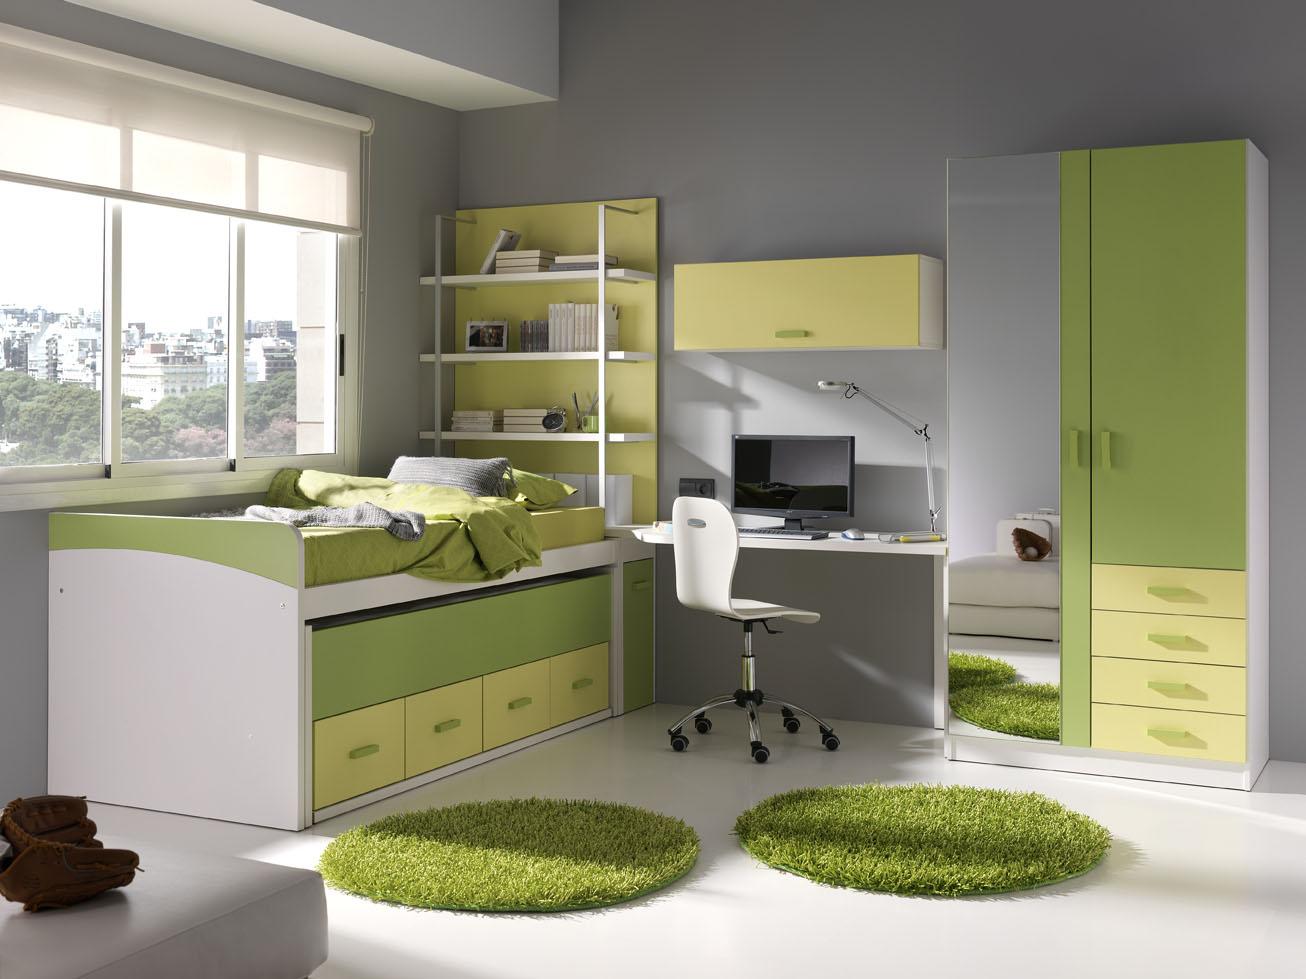 El dormitorio un lugar para so ar muebles orts blog for Muebles de estudio modernos